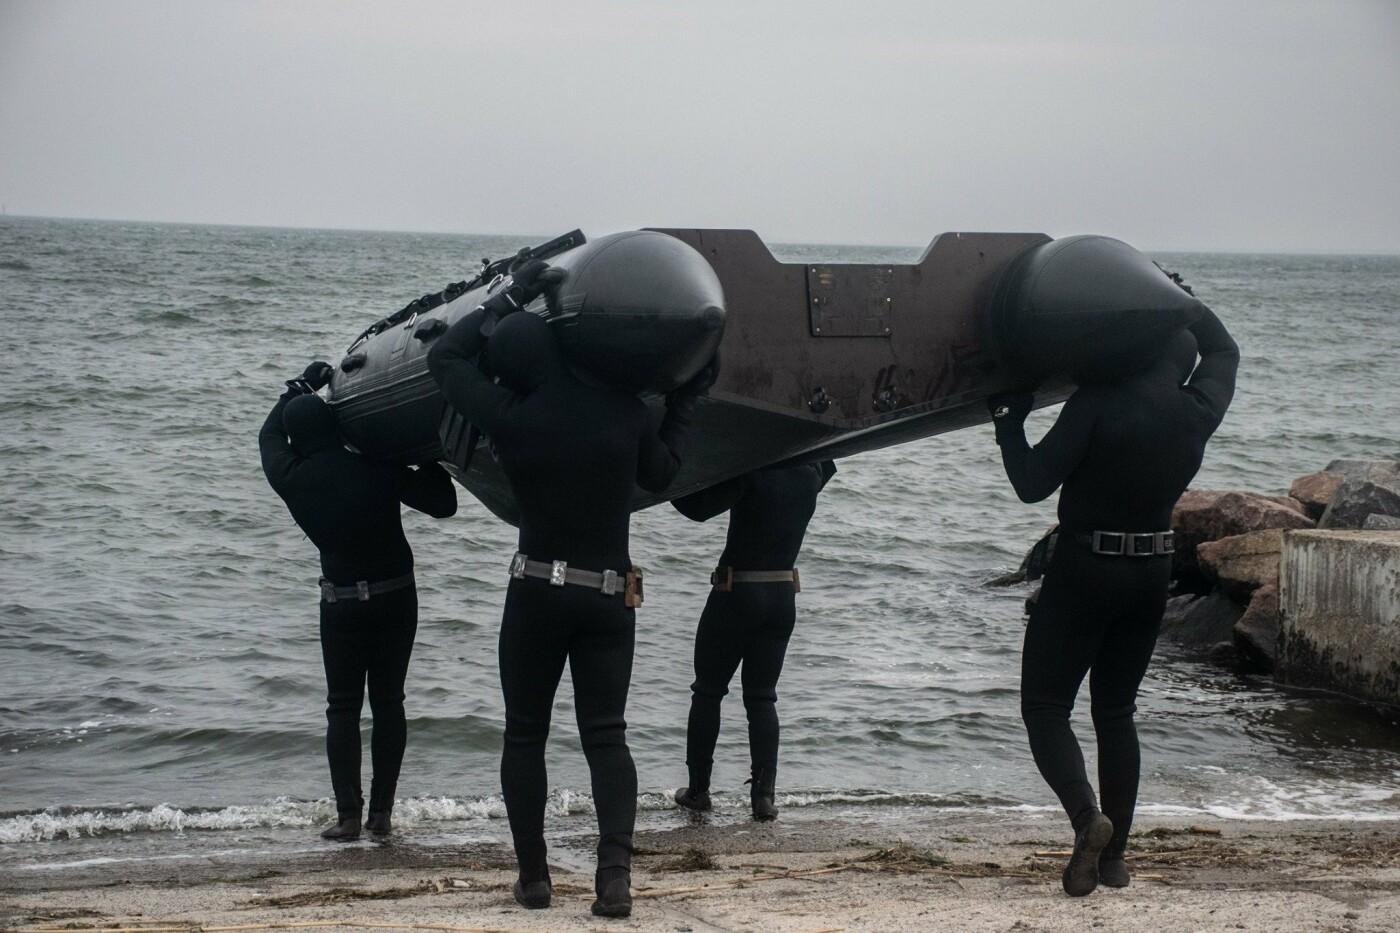 На Николаевщине водолазы-разведчики показали, как проходит их боевая подготовка, - ФОТО, фото-1